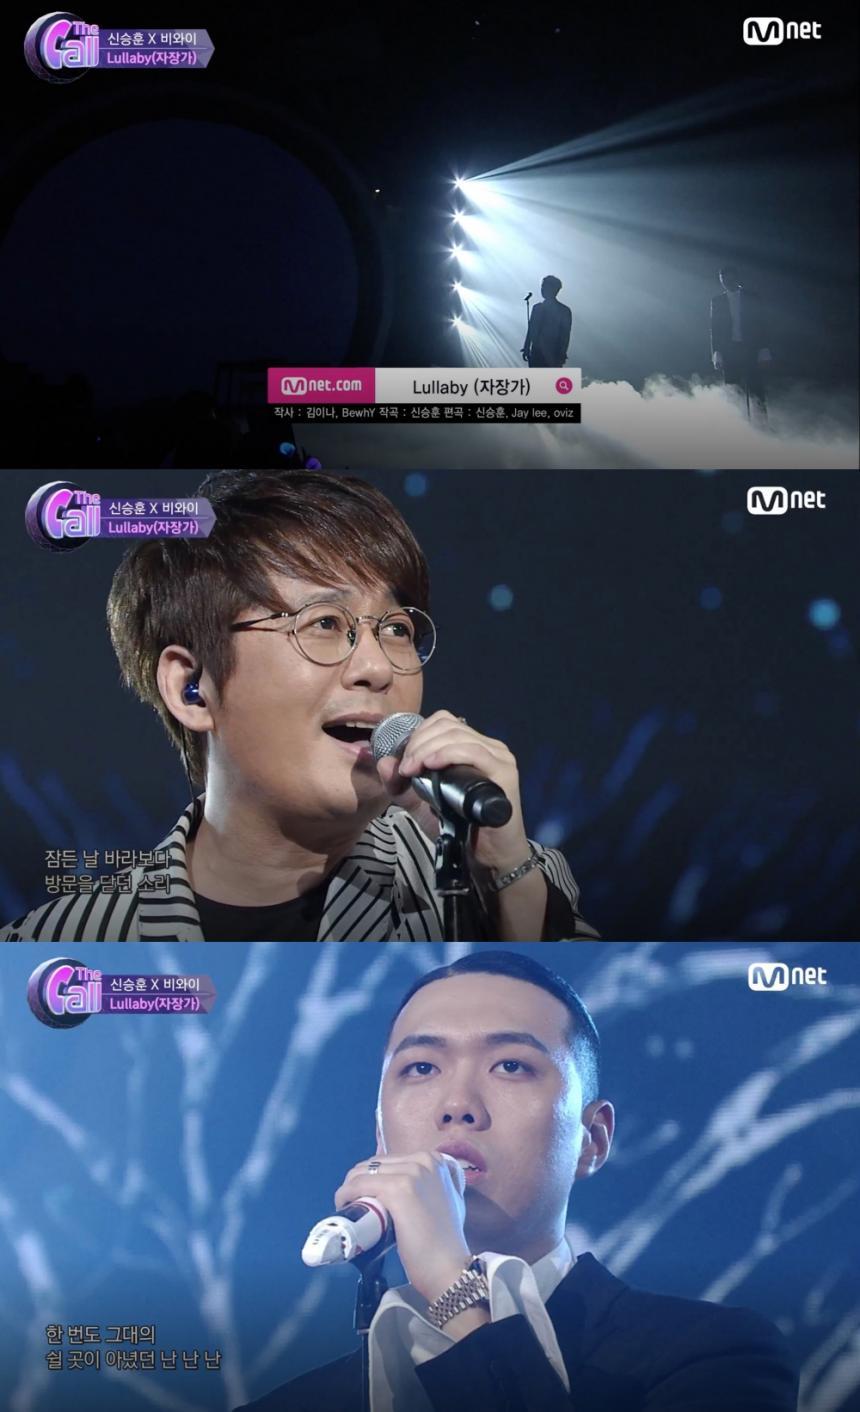 신승훈-비와이 / Mnet '더콜' 방송 캡처